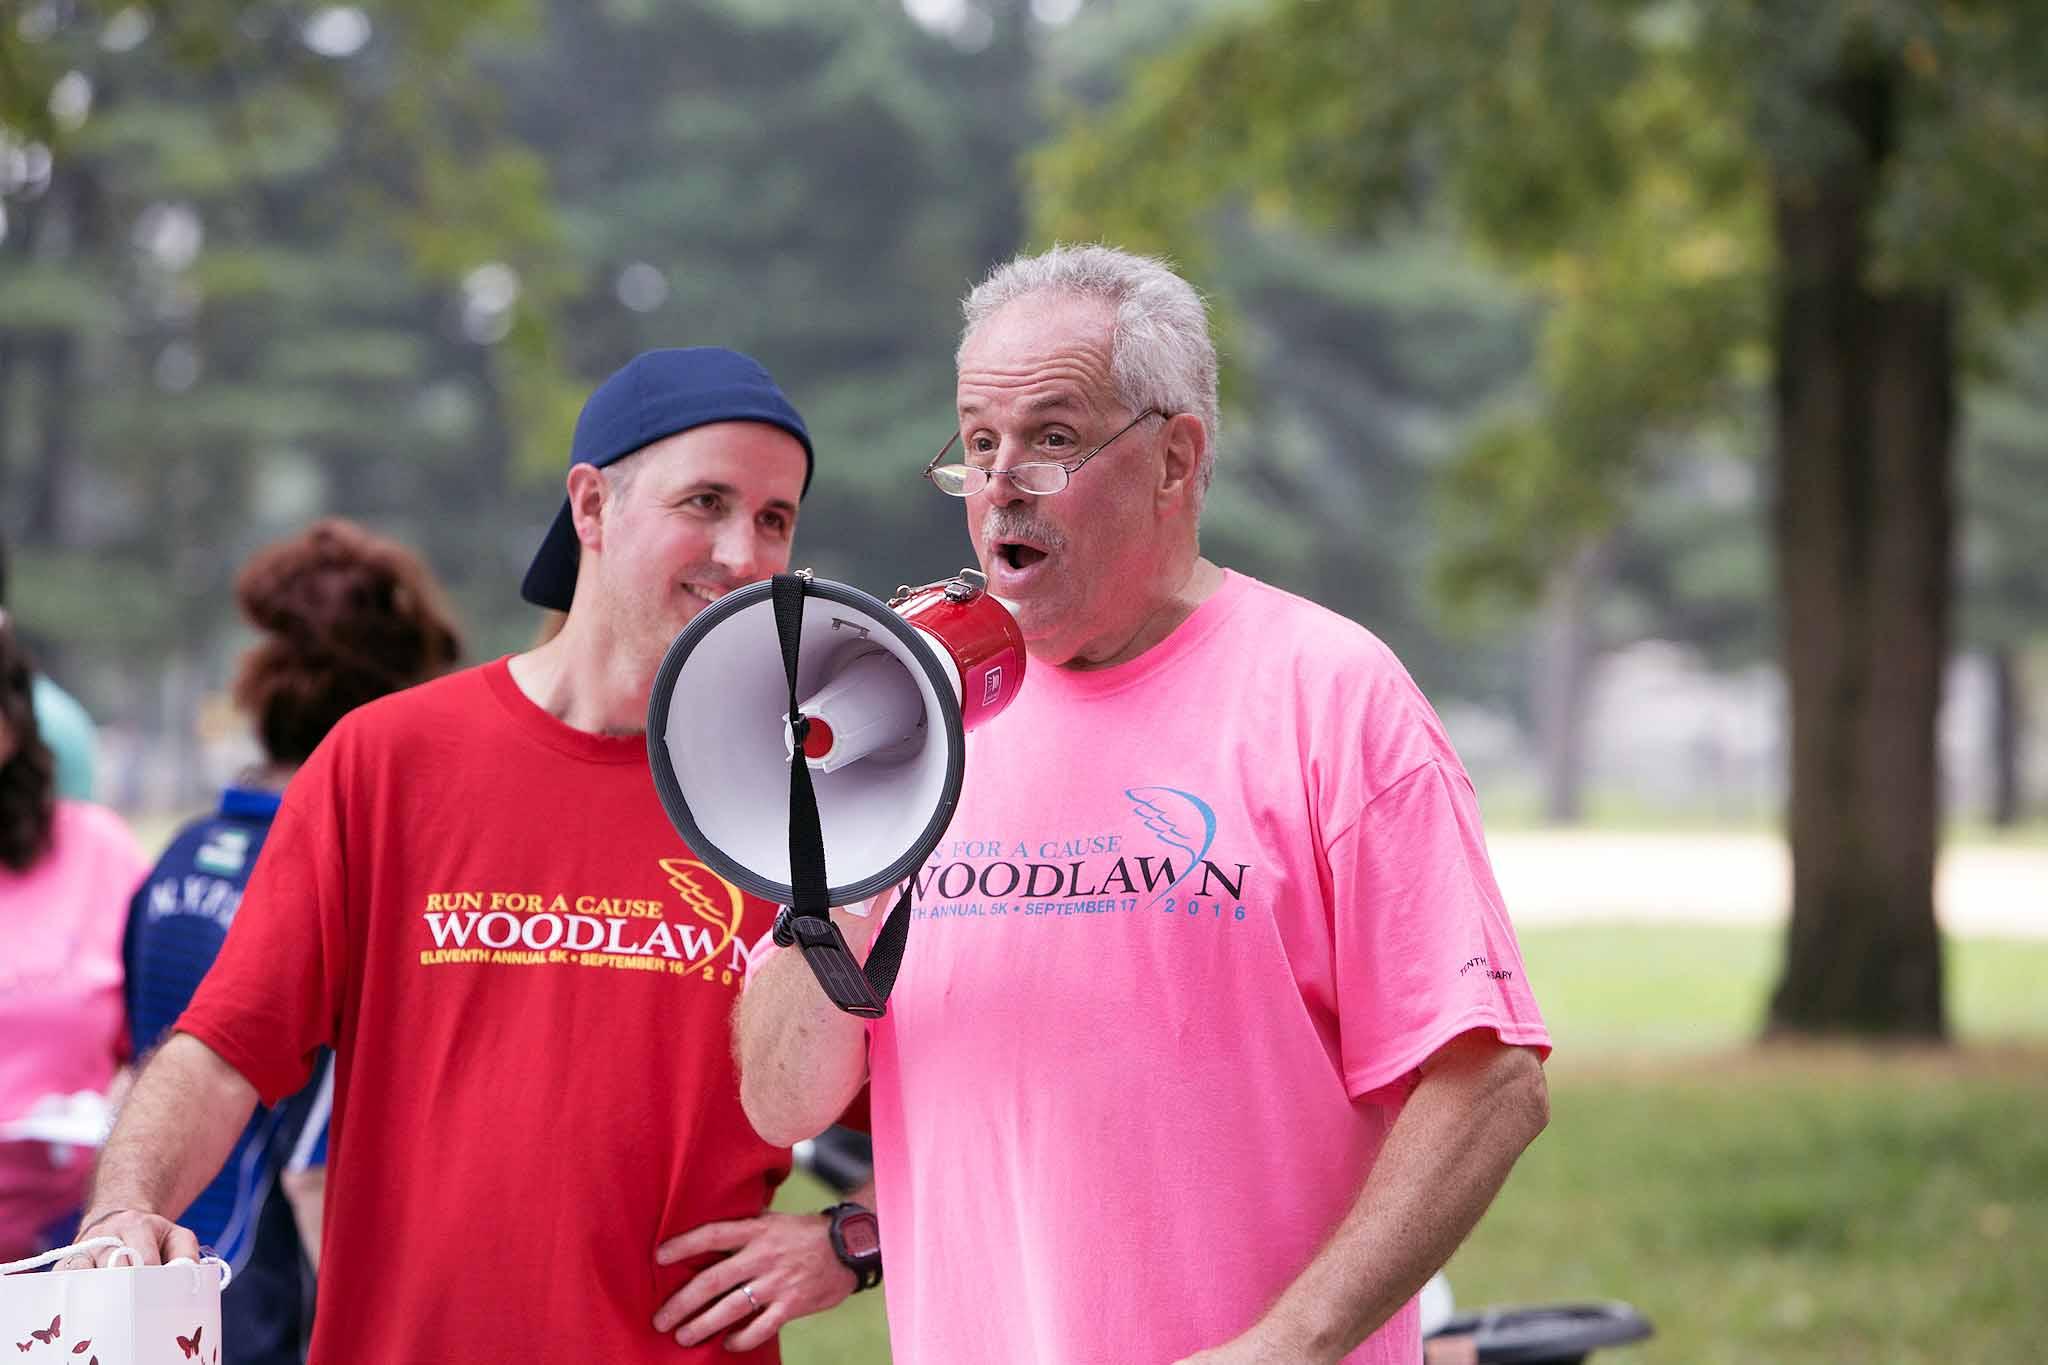 241-Woodlawn Run for a Cause-706.jpg